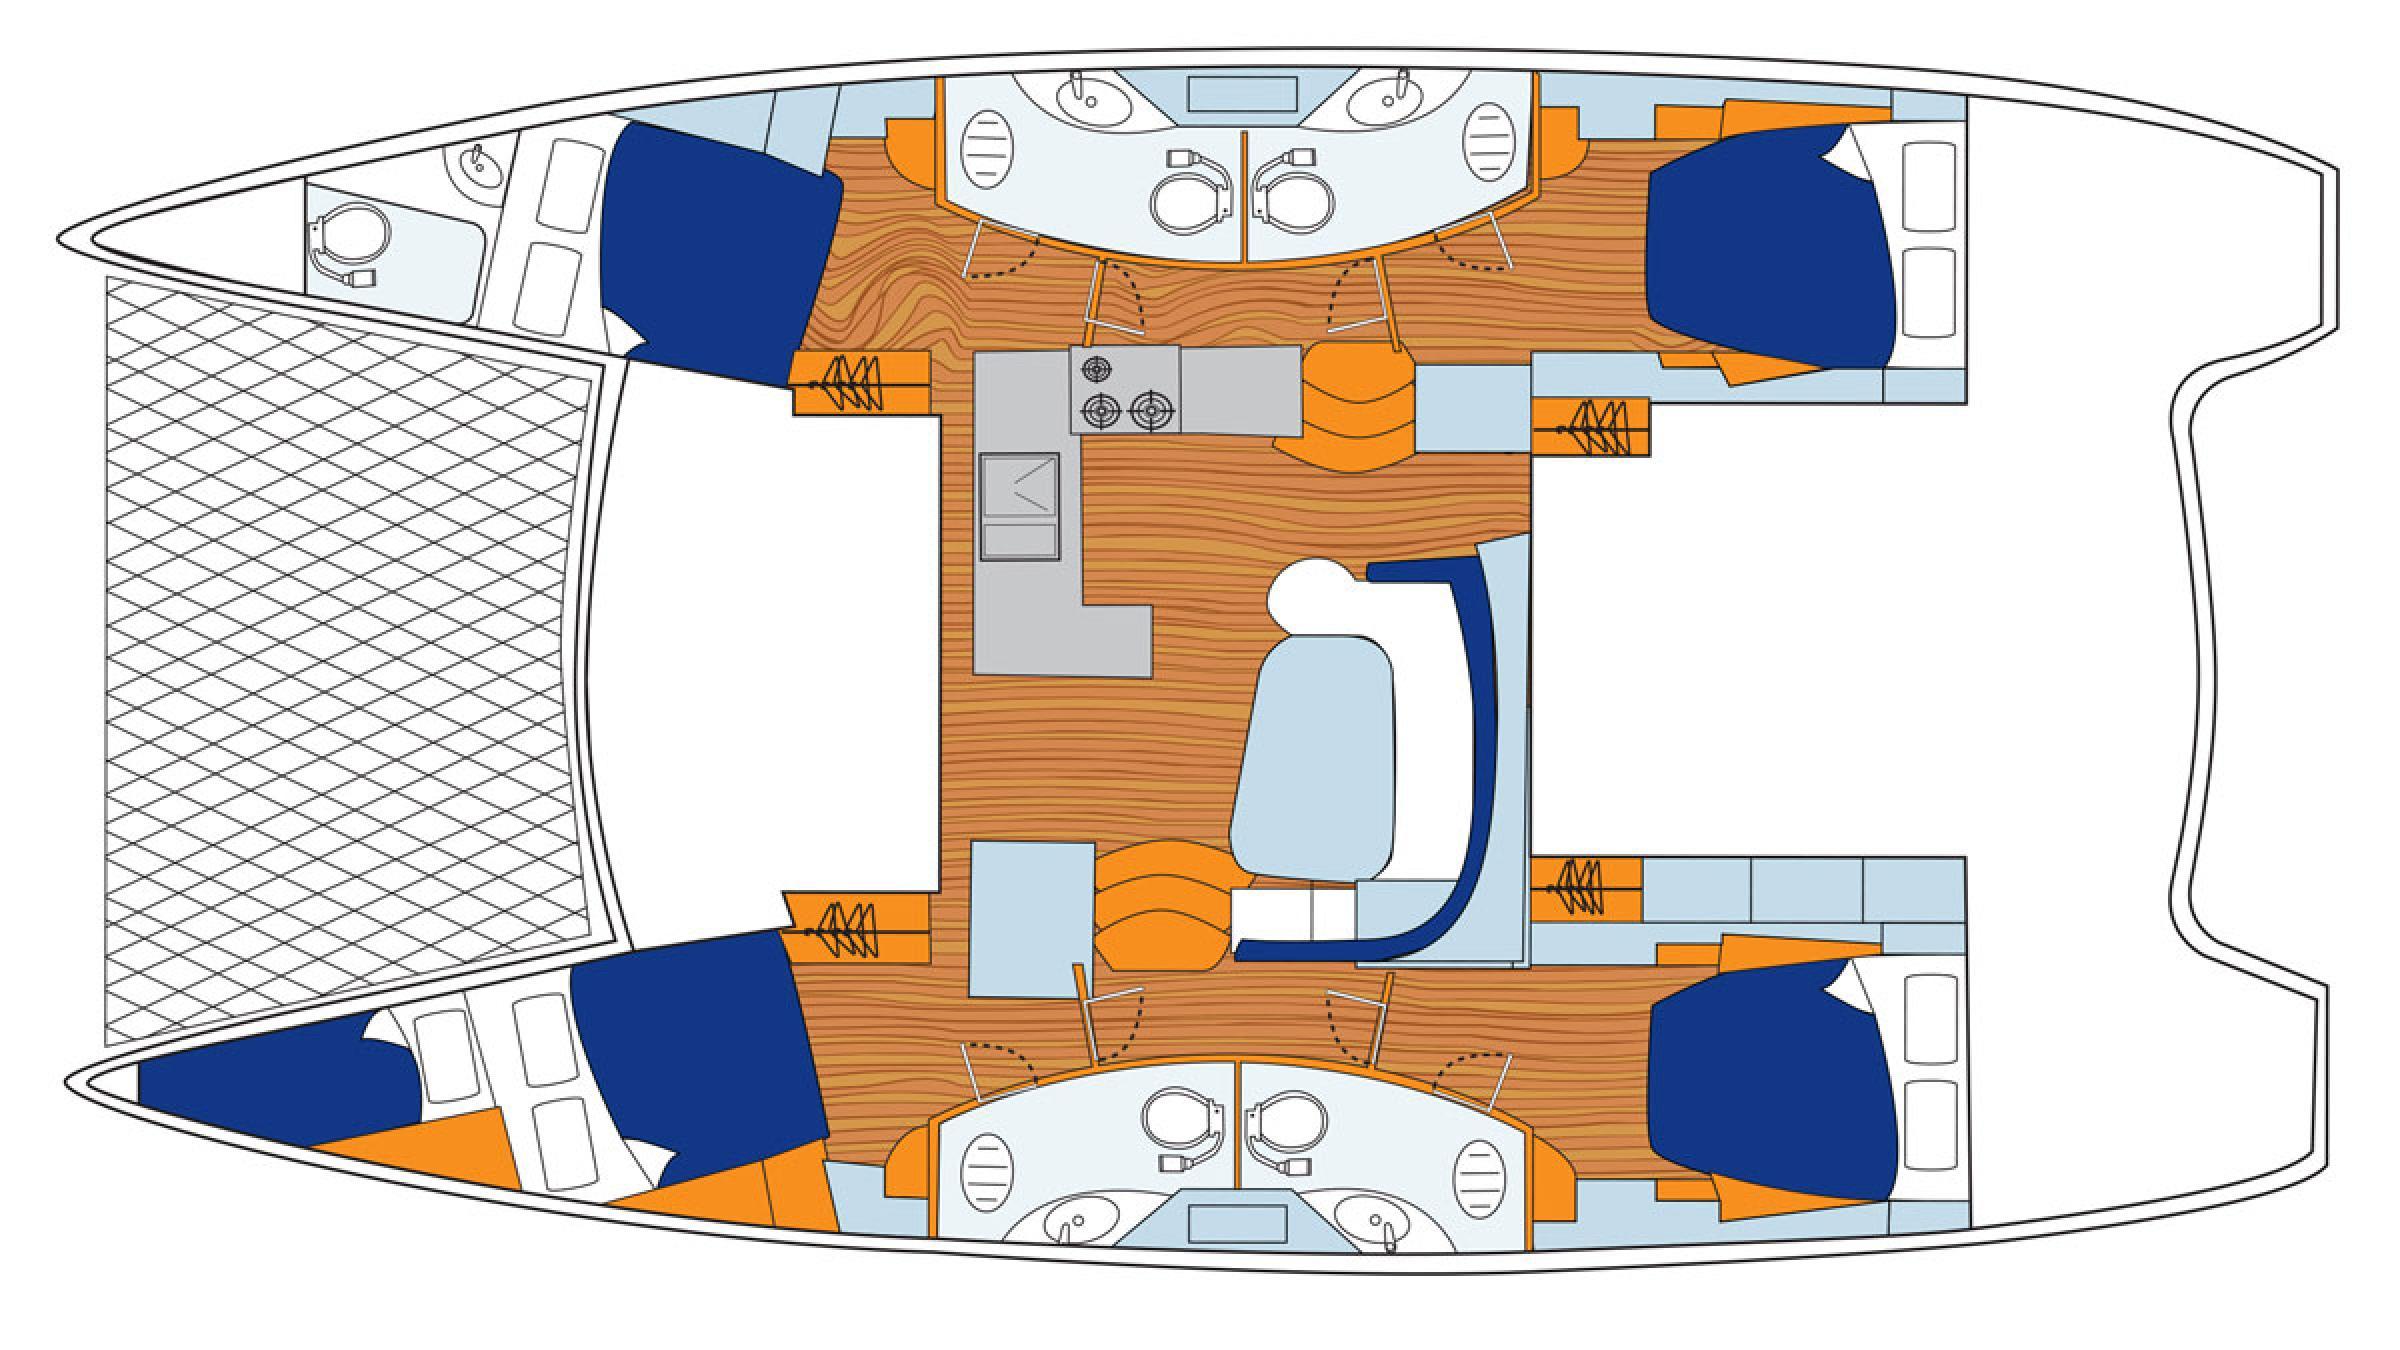 Inside layout